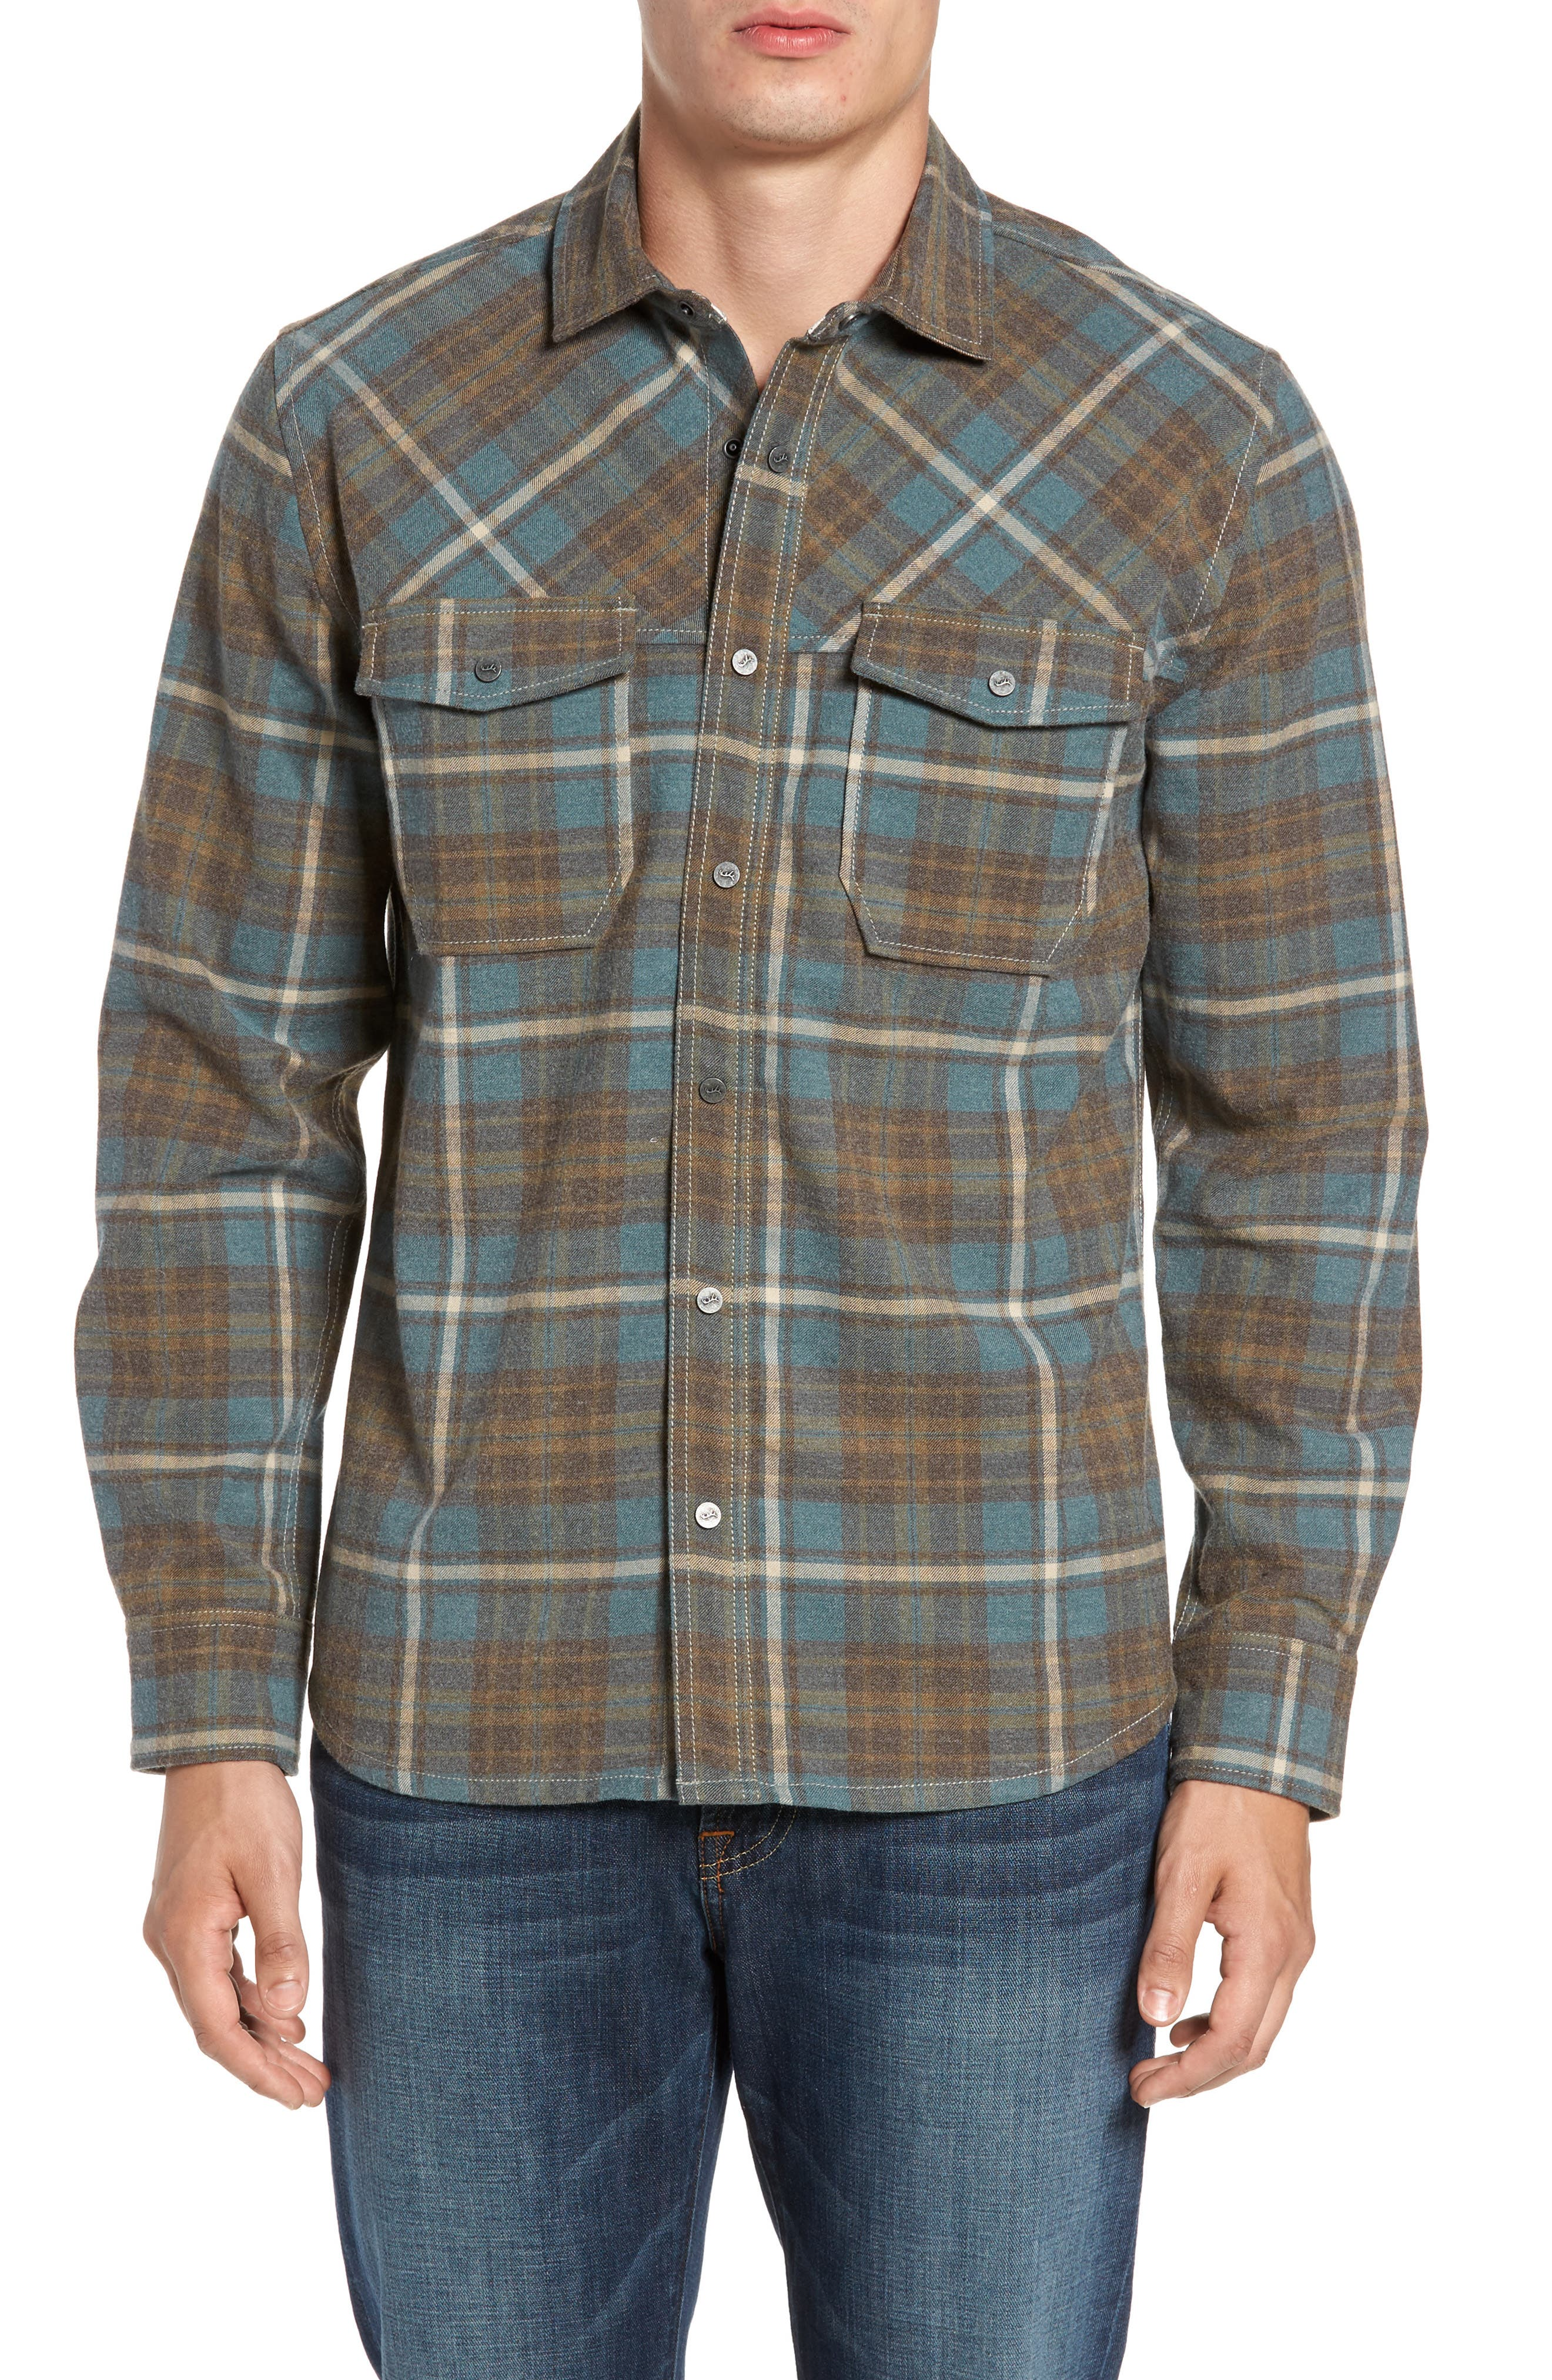 Jeremiah Ranger Plaid Shirt